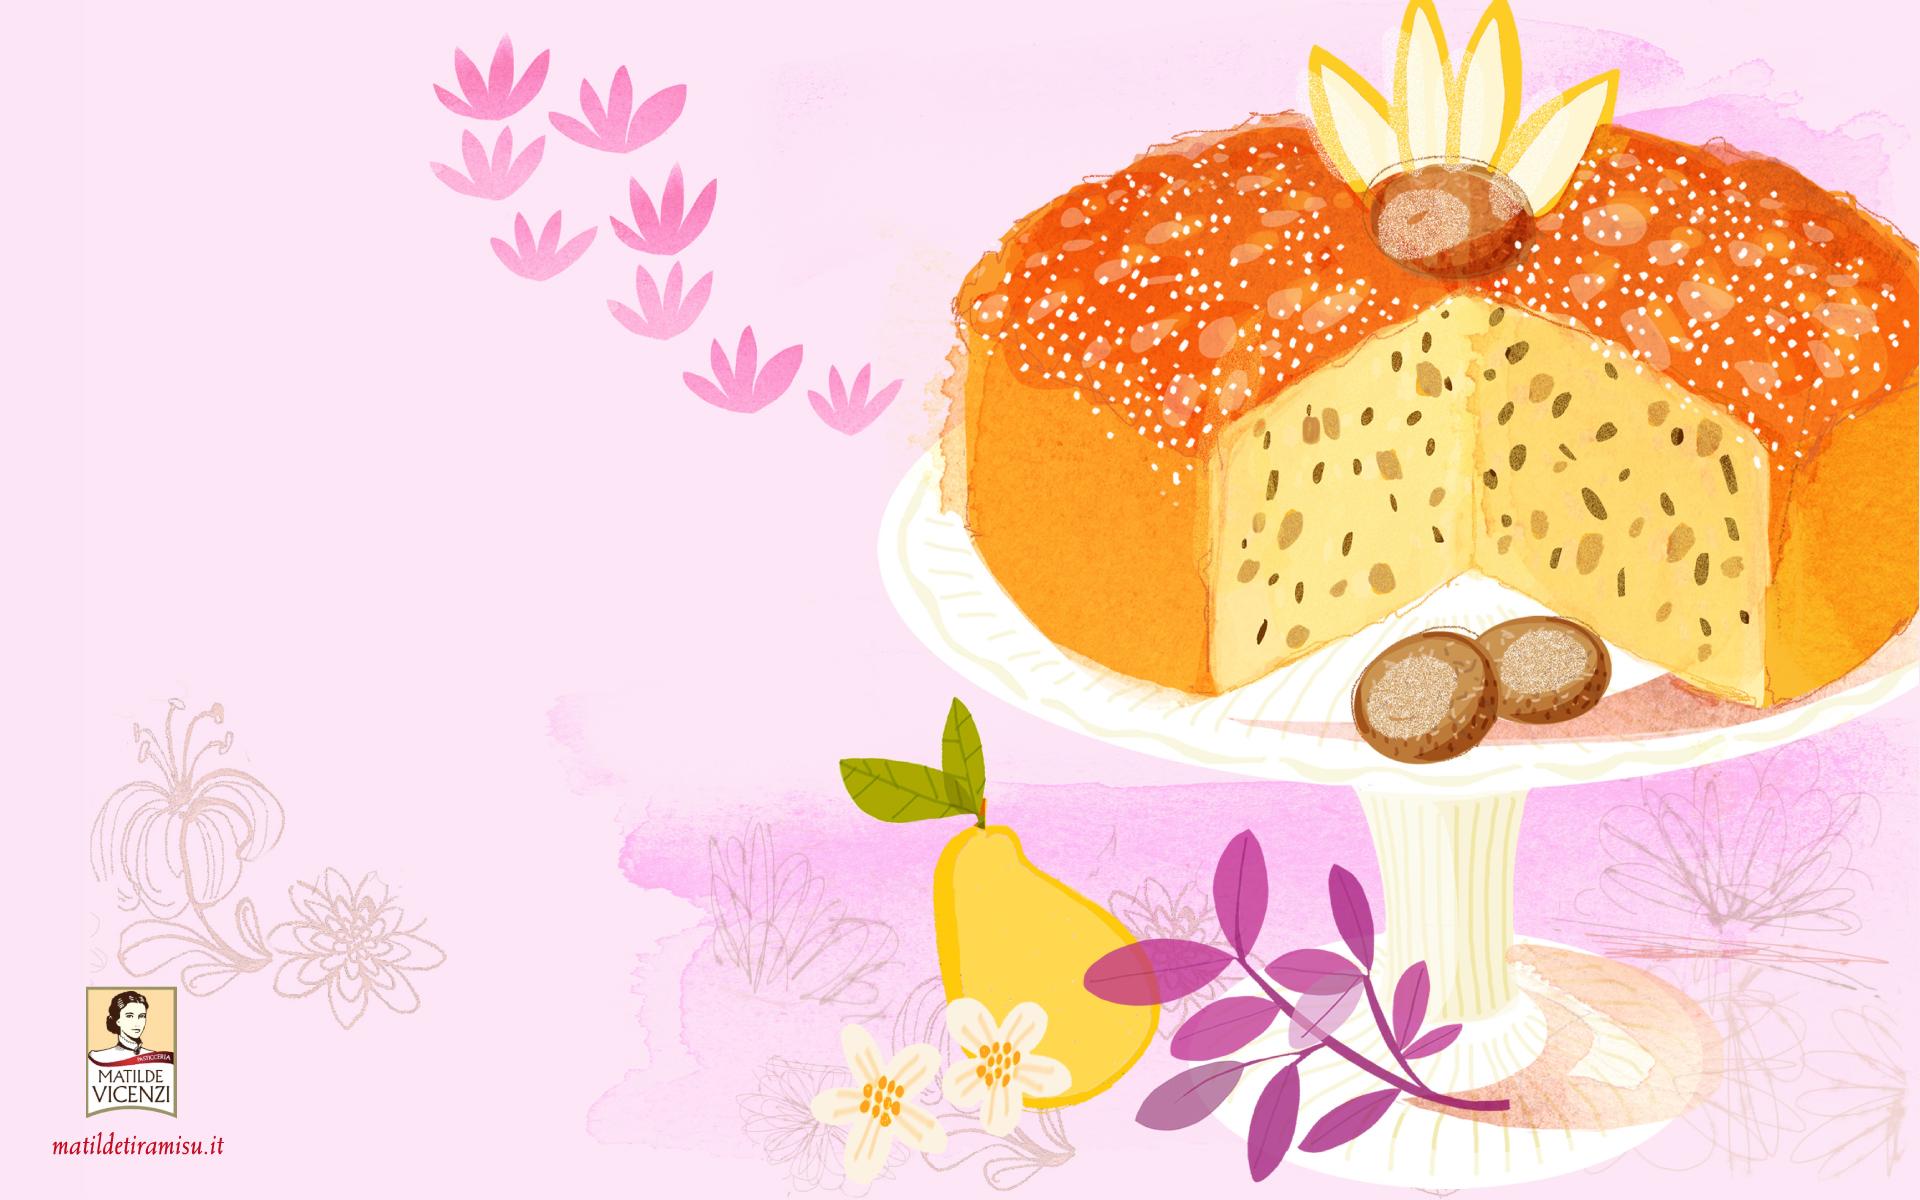 Omaggio per voi lo sfondo scrivania PC con ricetta di torta